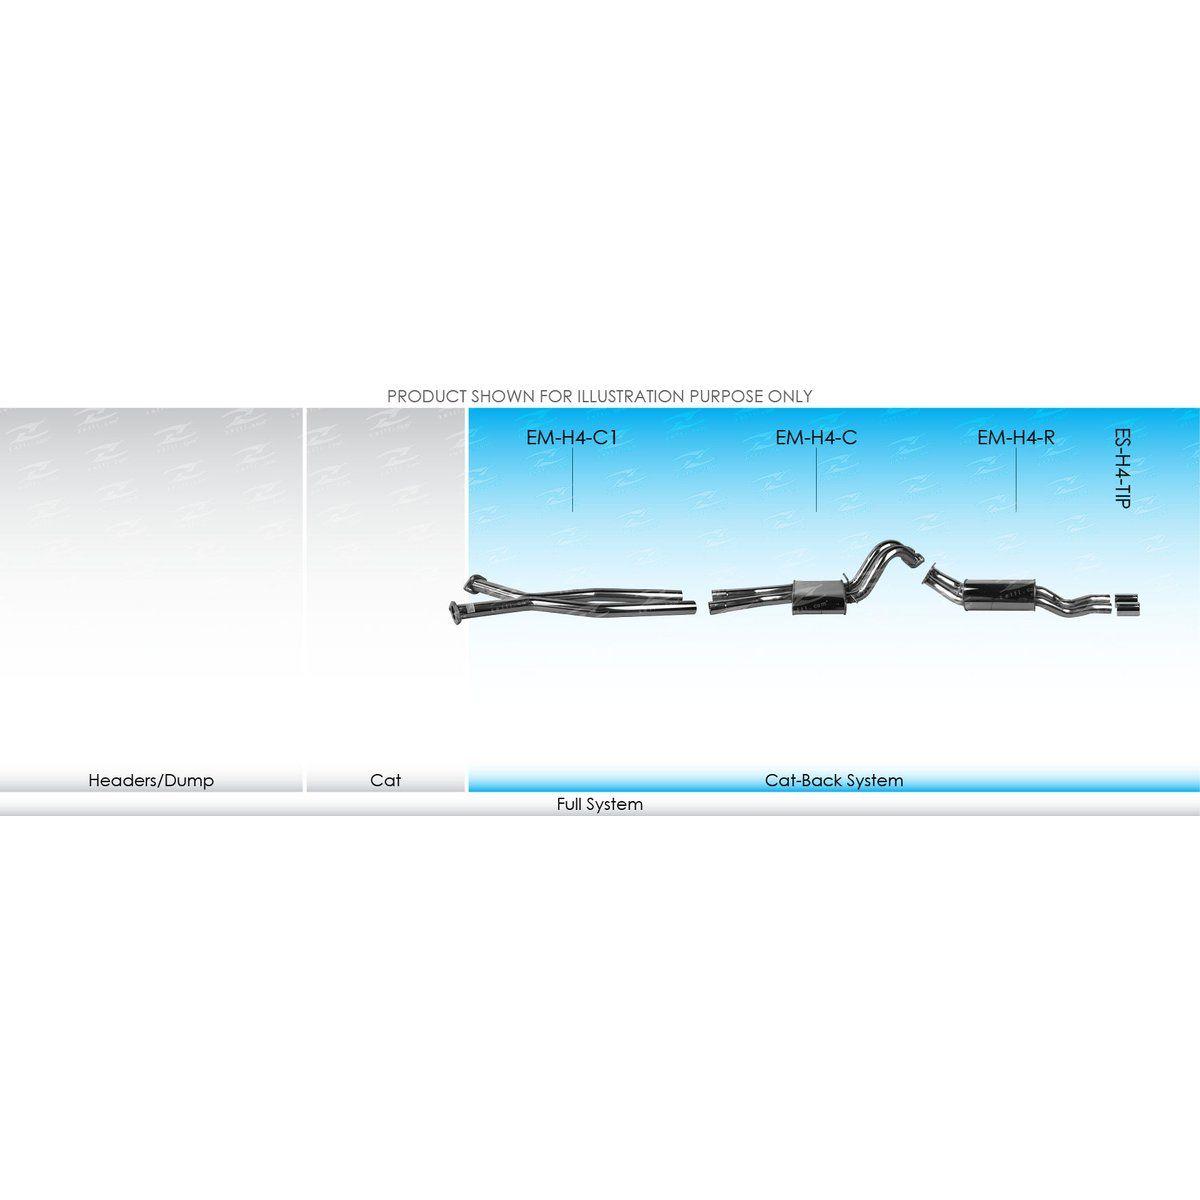 XForce Performance Mild Steel to suit Holden Crewman (01/2003 - 01/2007)